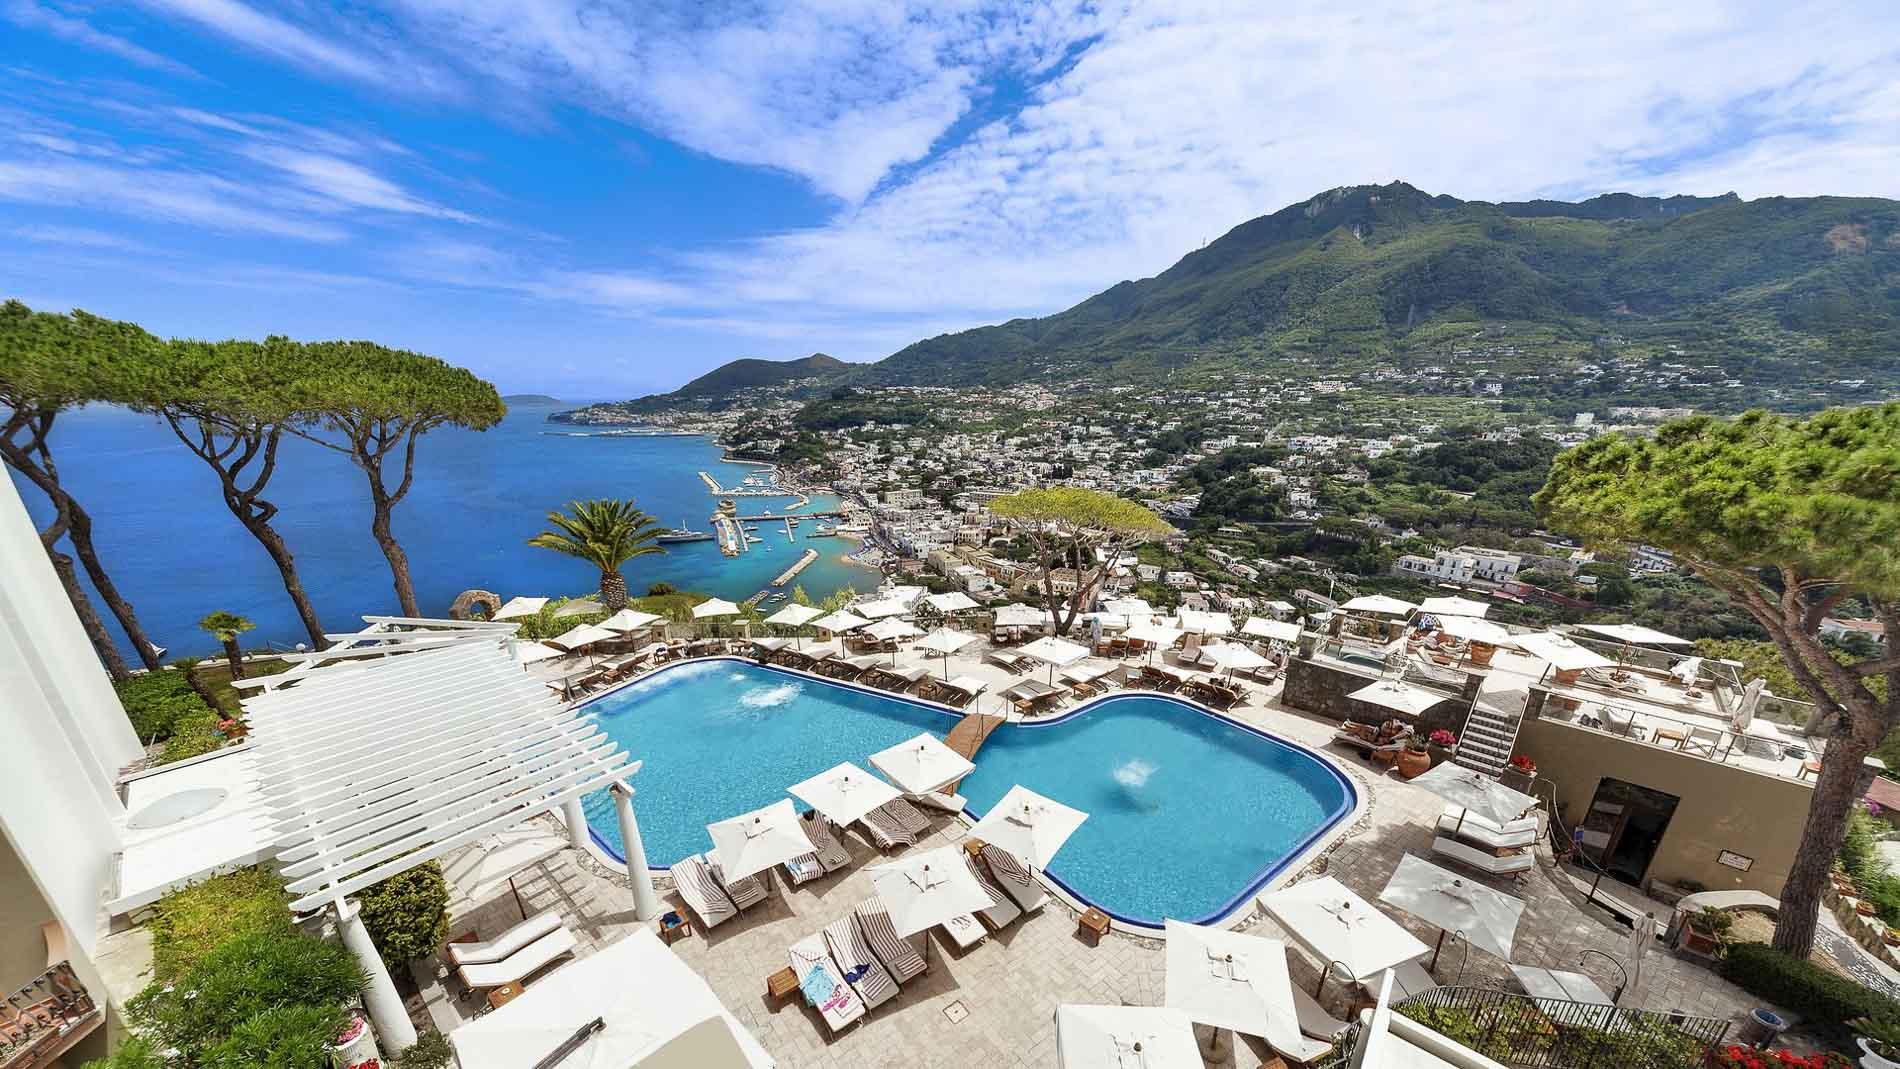 San Montano Resort Ischia